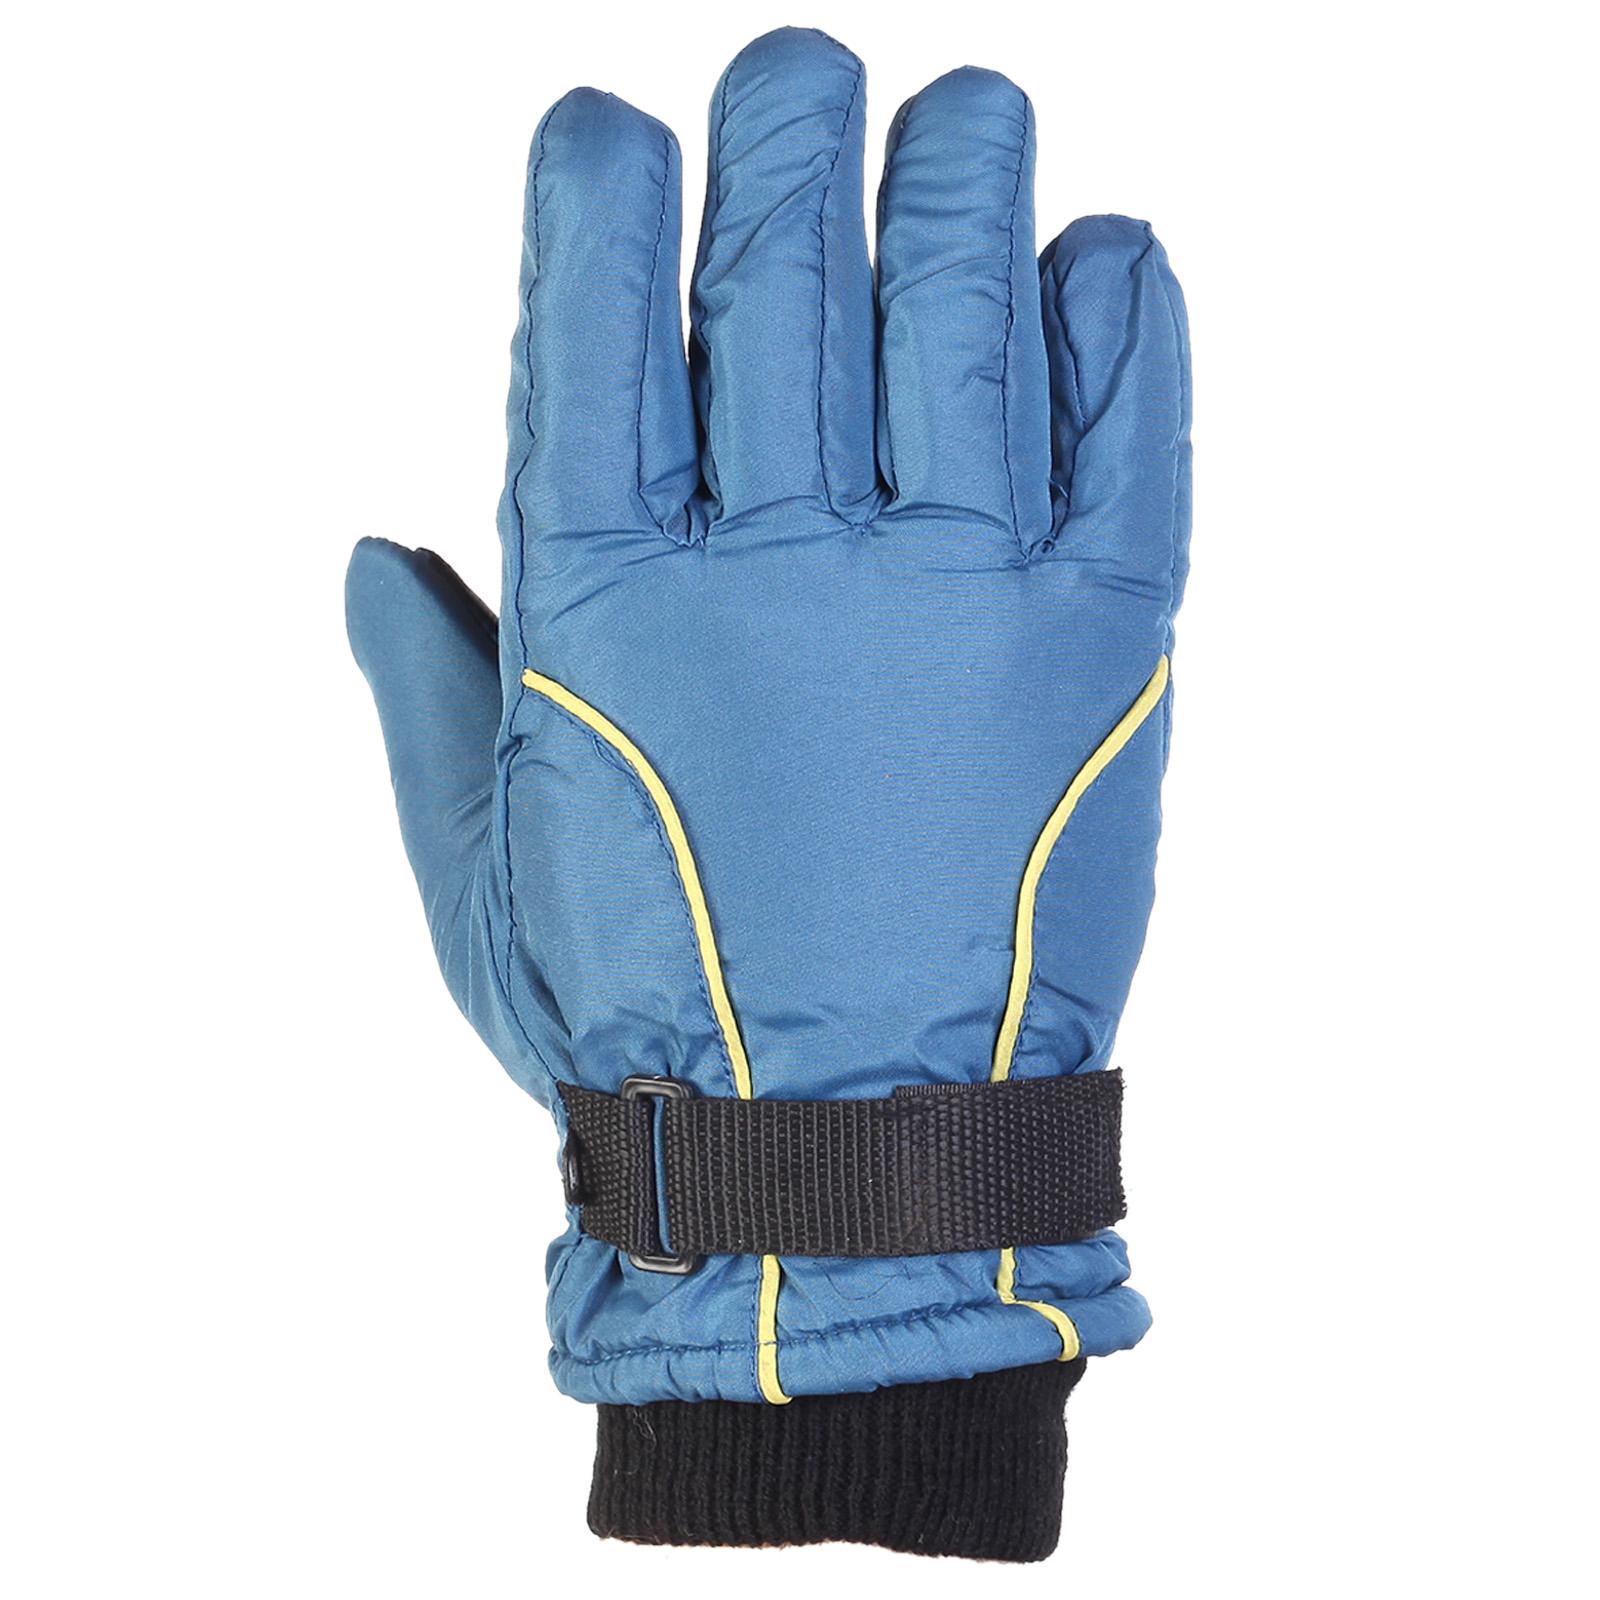 Купить зимние перчатки для ребенка